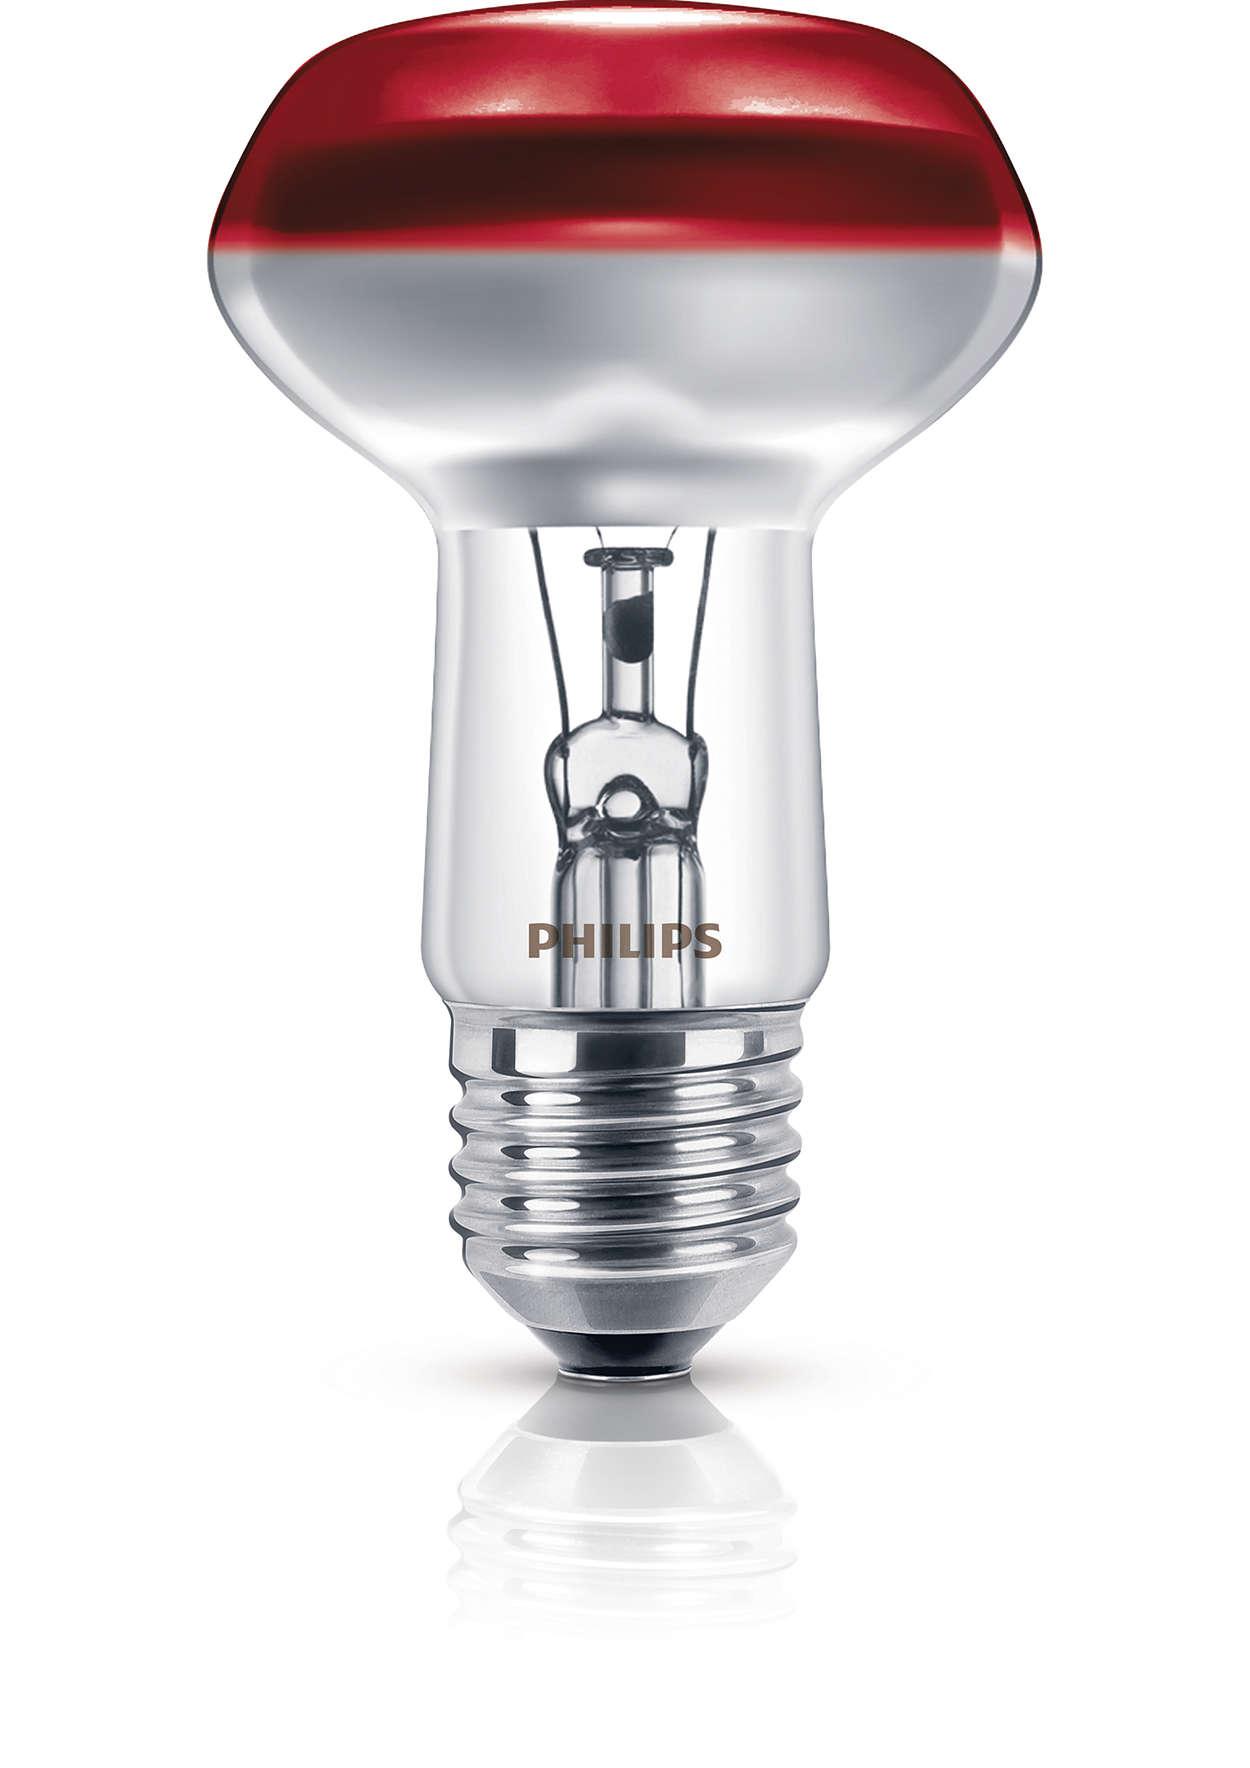 Värillisellä heijastimella varustettu lamppu